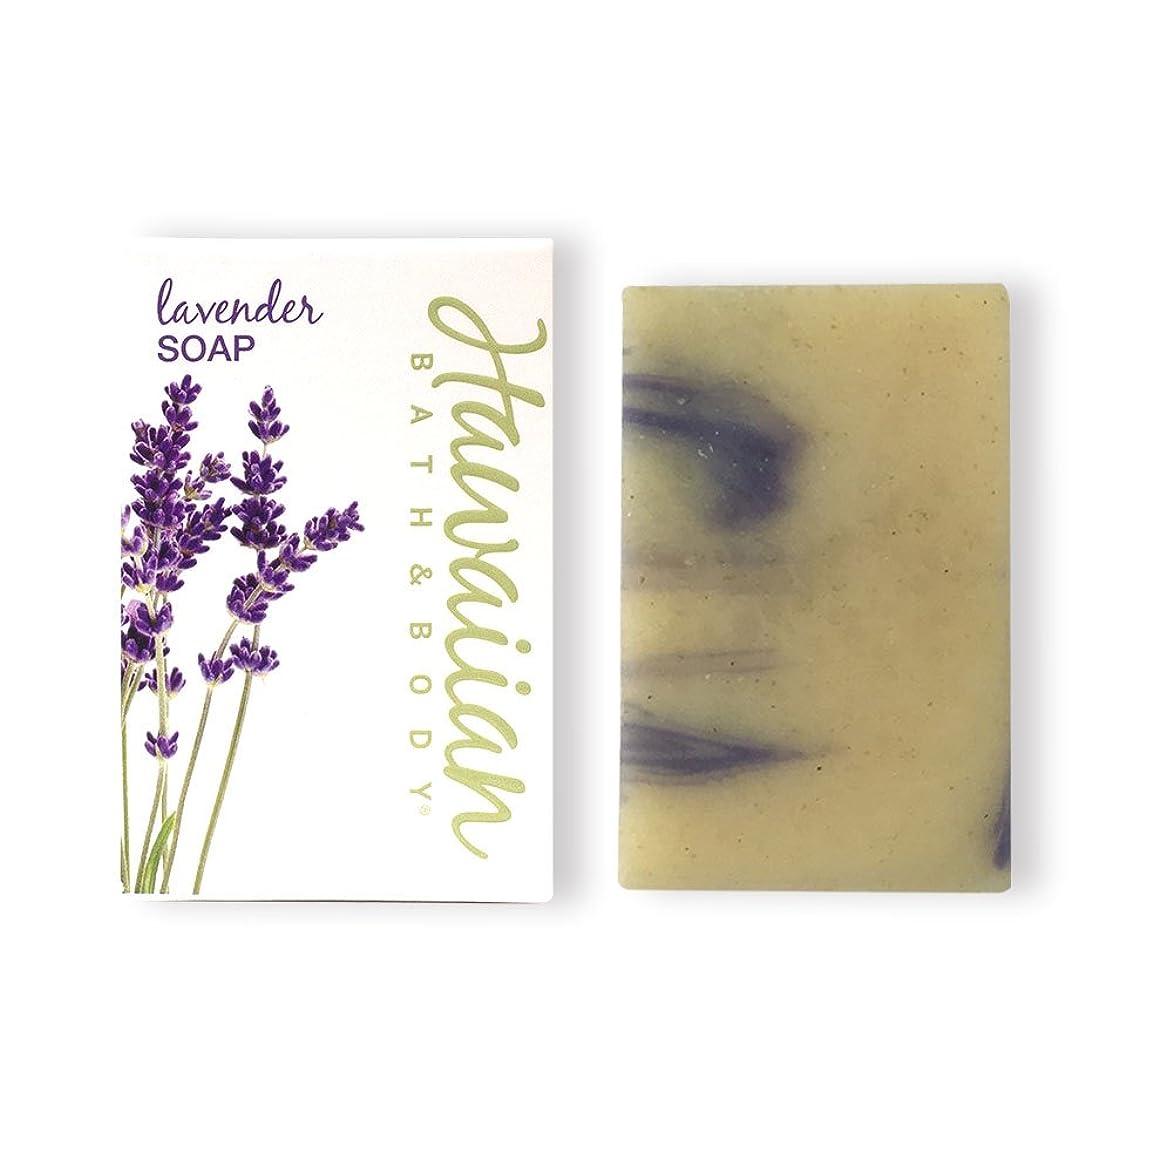 文化プロジェクターおじさんハワイアンバス&ボディ ラベンダー?ナチュラルソープ ( Lavender Soap )